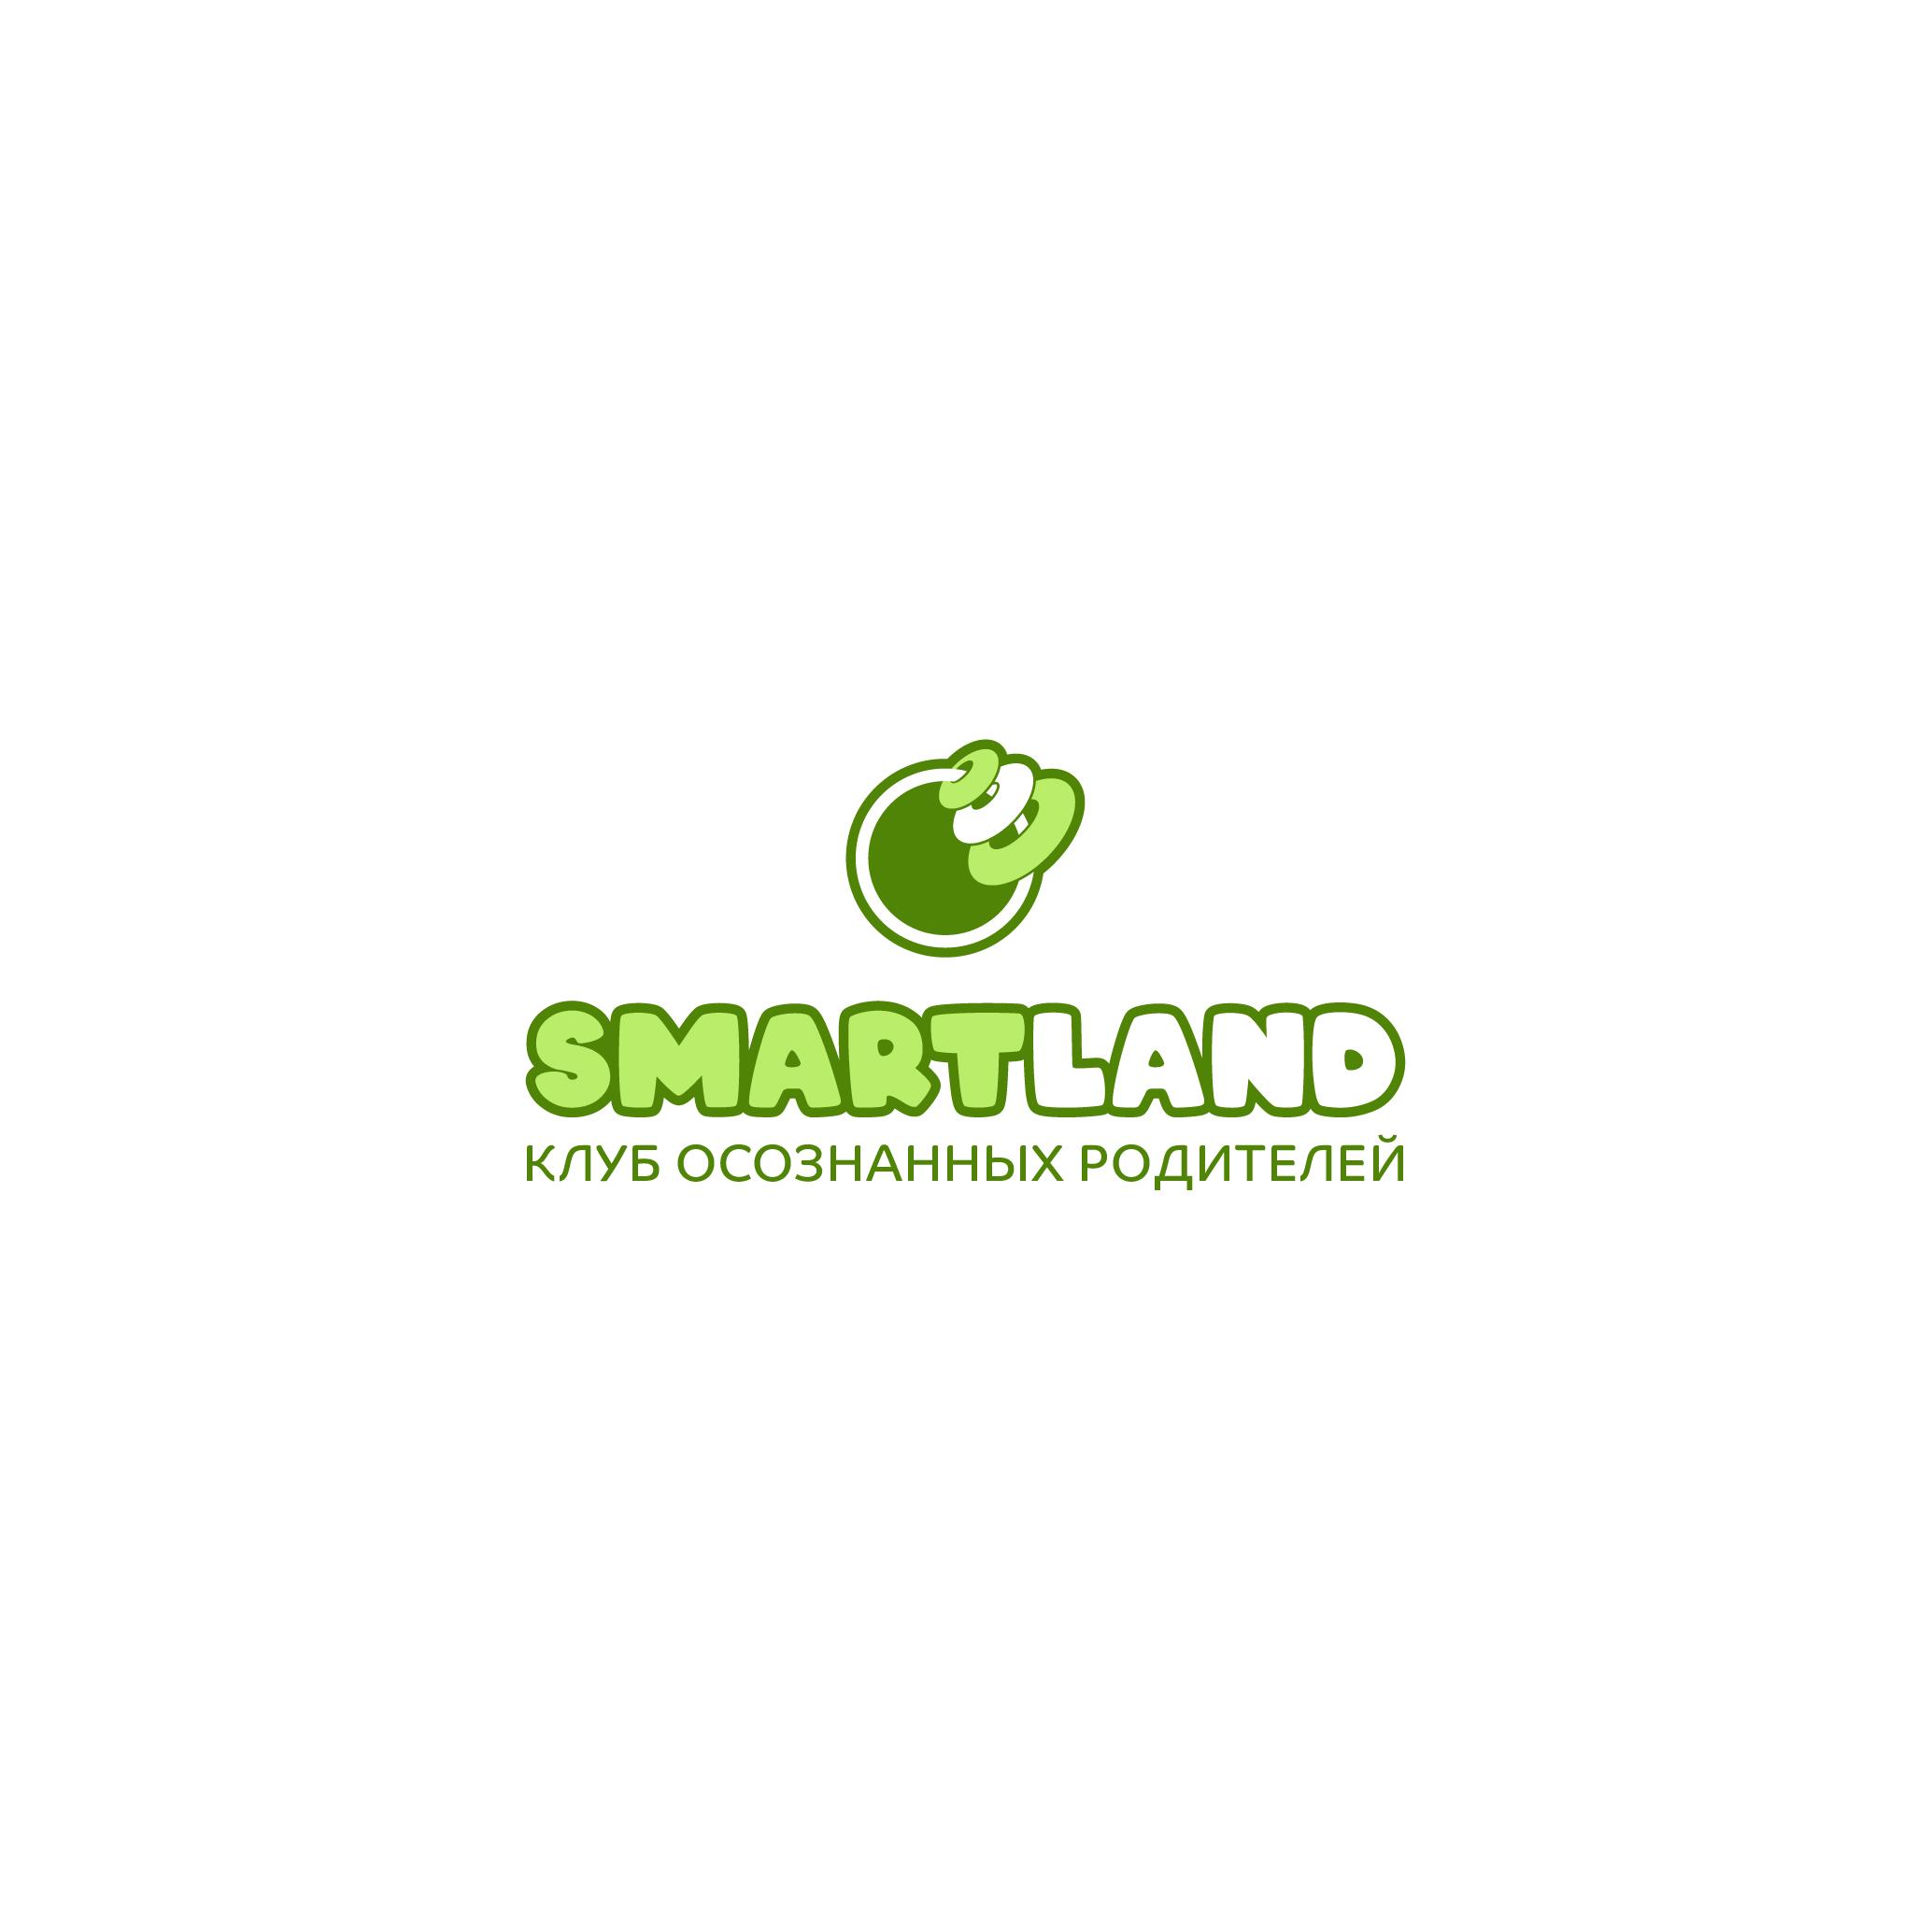 Разработать логотип для детской образовательной платформы фото f_1106079ff6ad275f.jpg